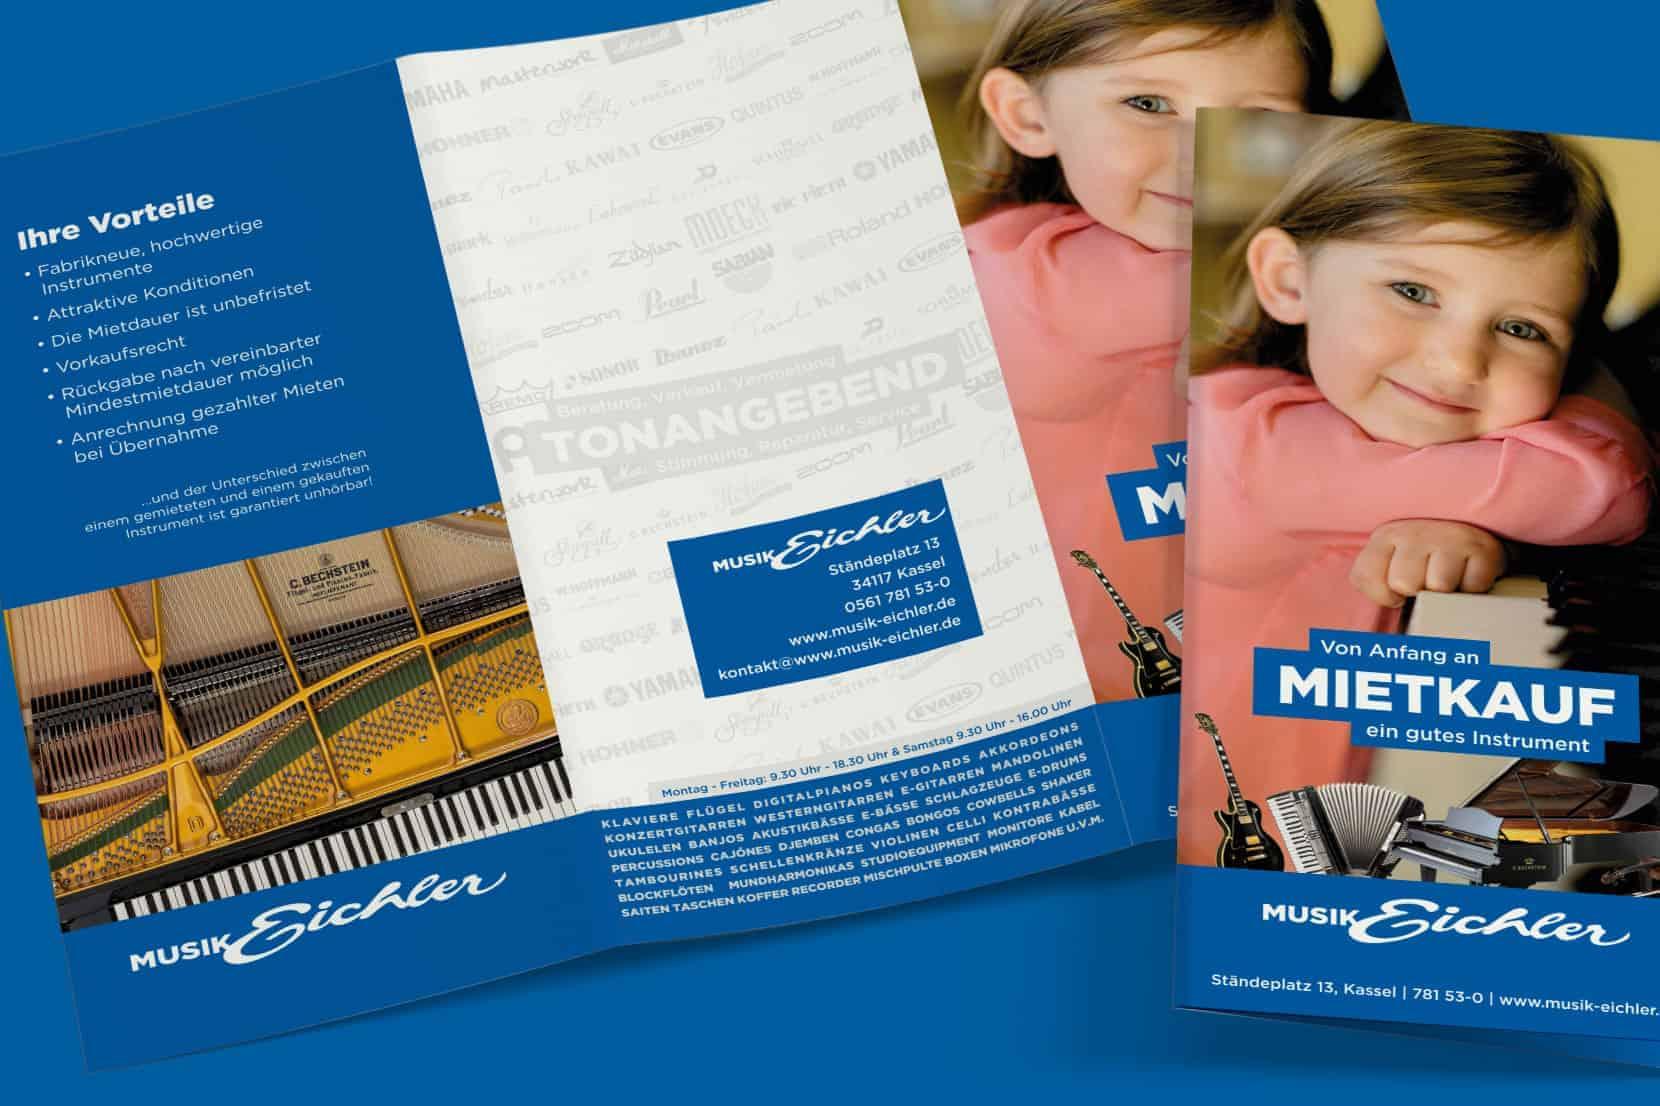 Musik Eichler Mietkauf Flyer